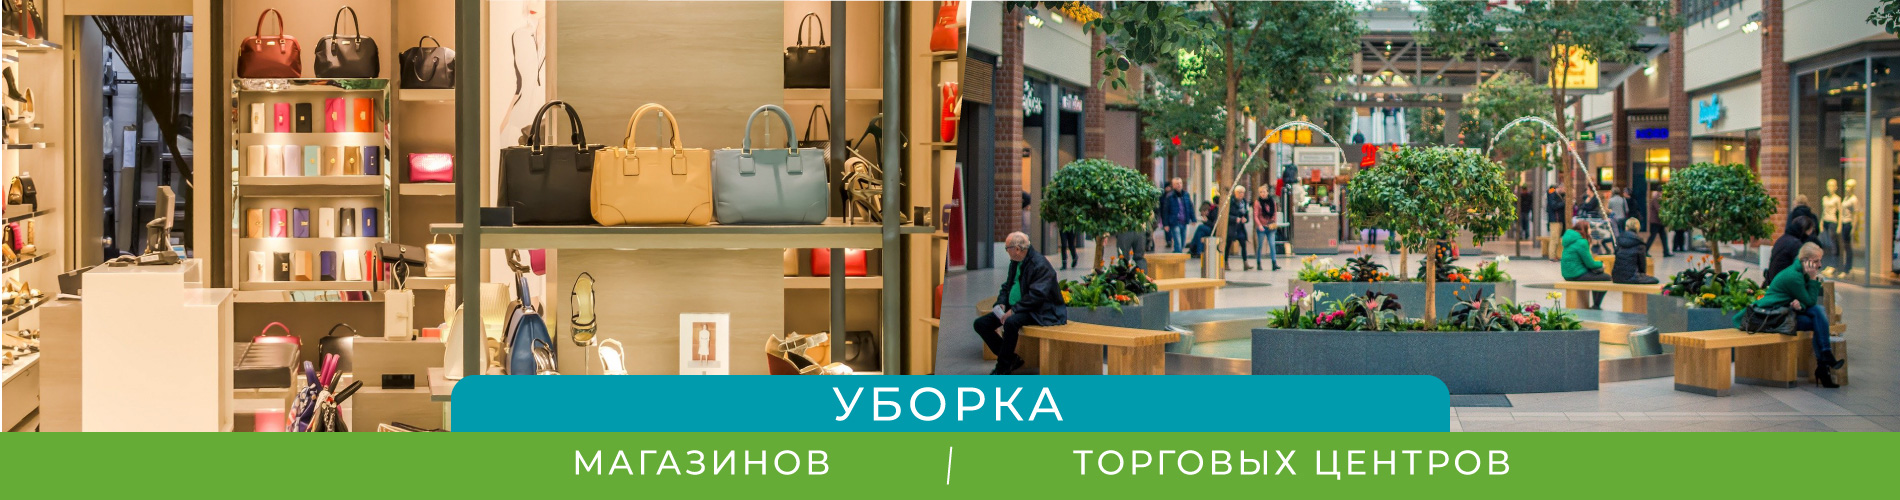 Уборка магазинов и торговых центров